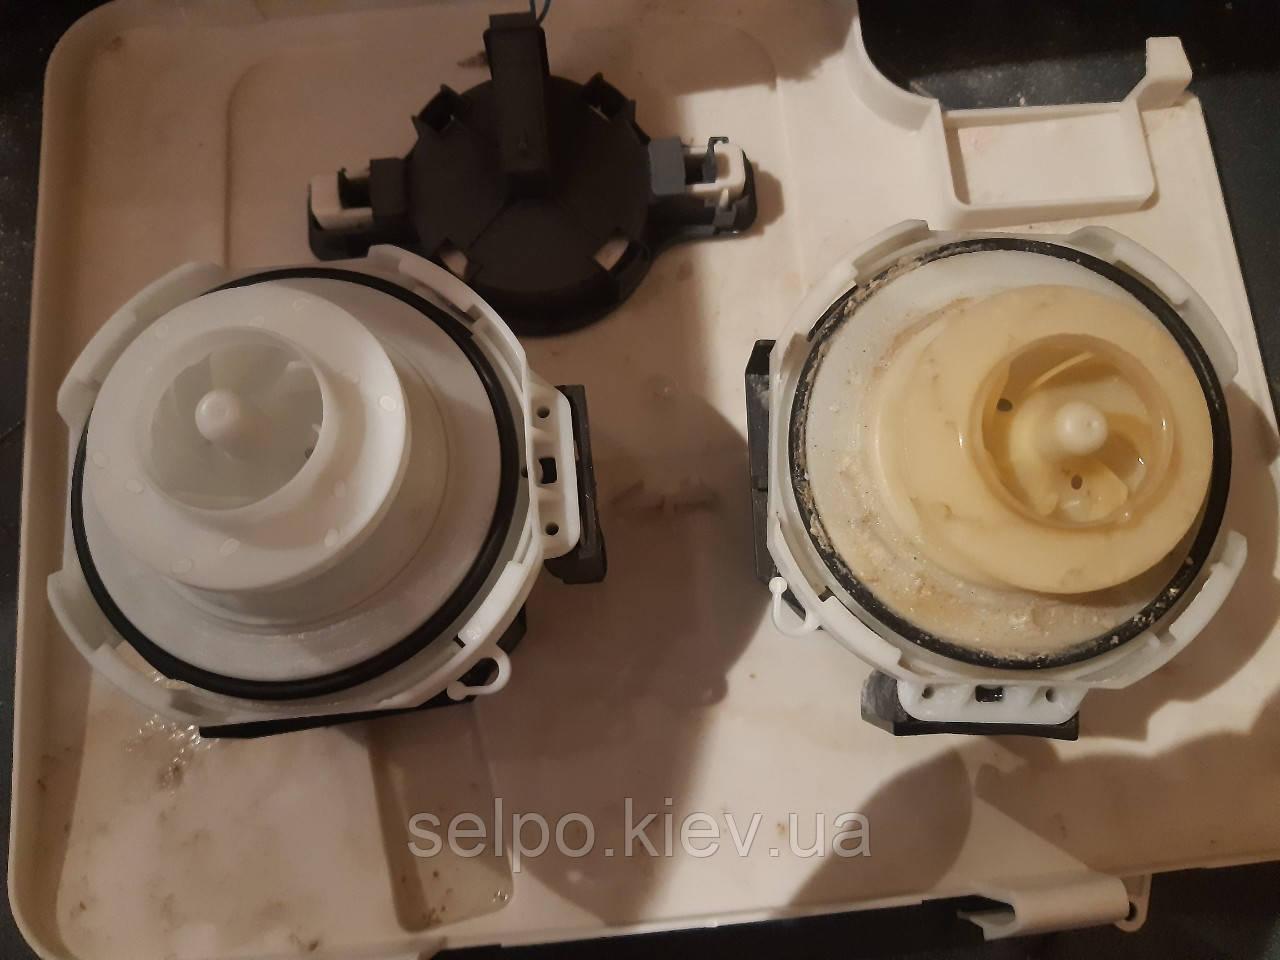 Посудомоечная машина полногабаритная 60см,встраиваемая ARISTON,с НОВЫМ 9